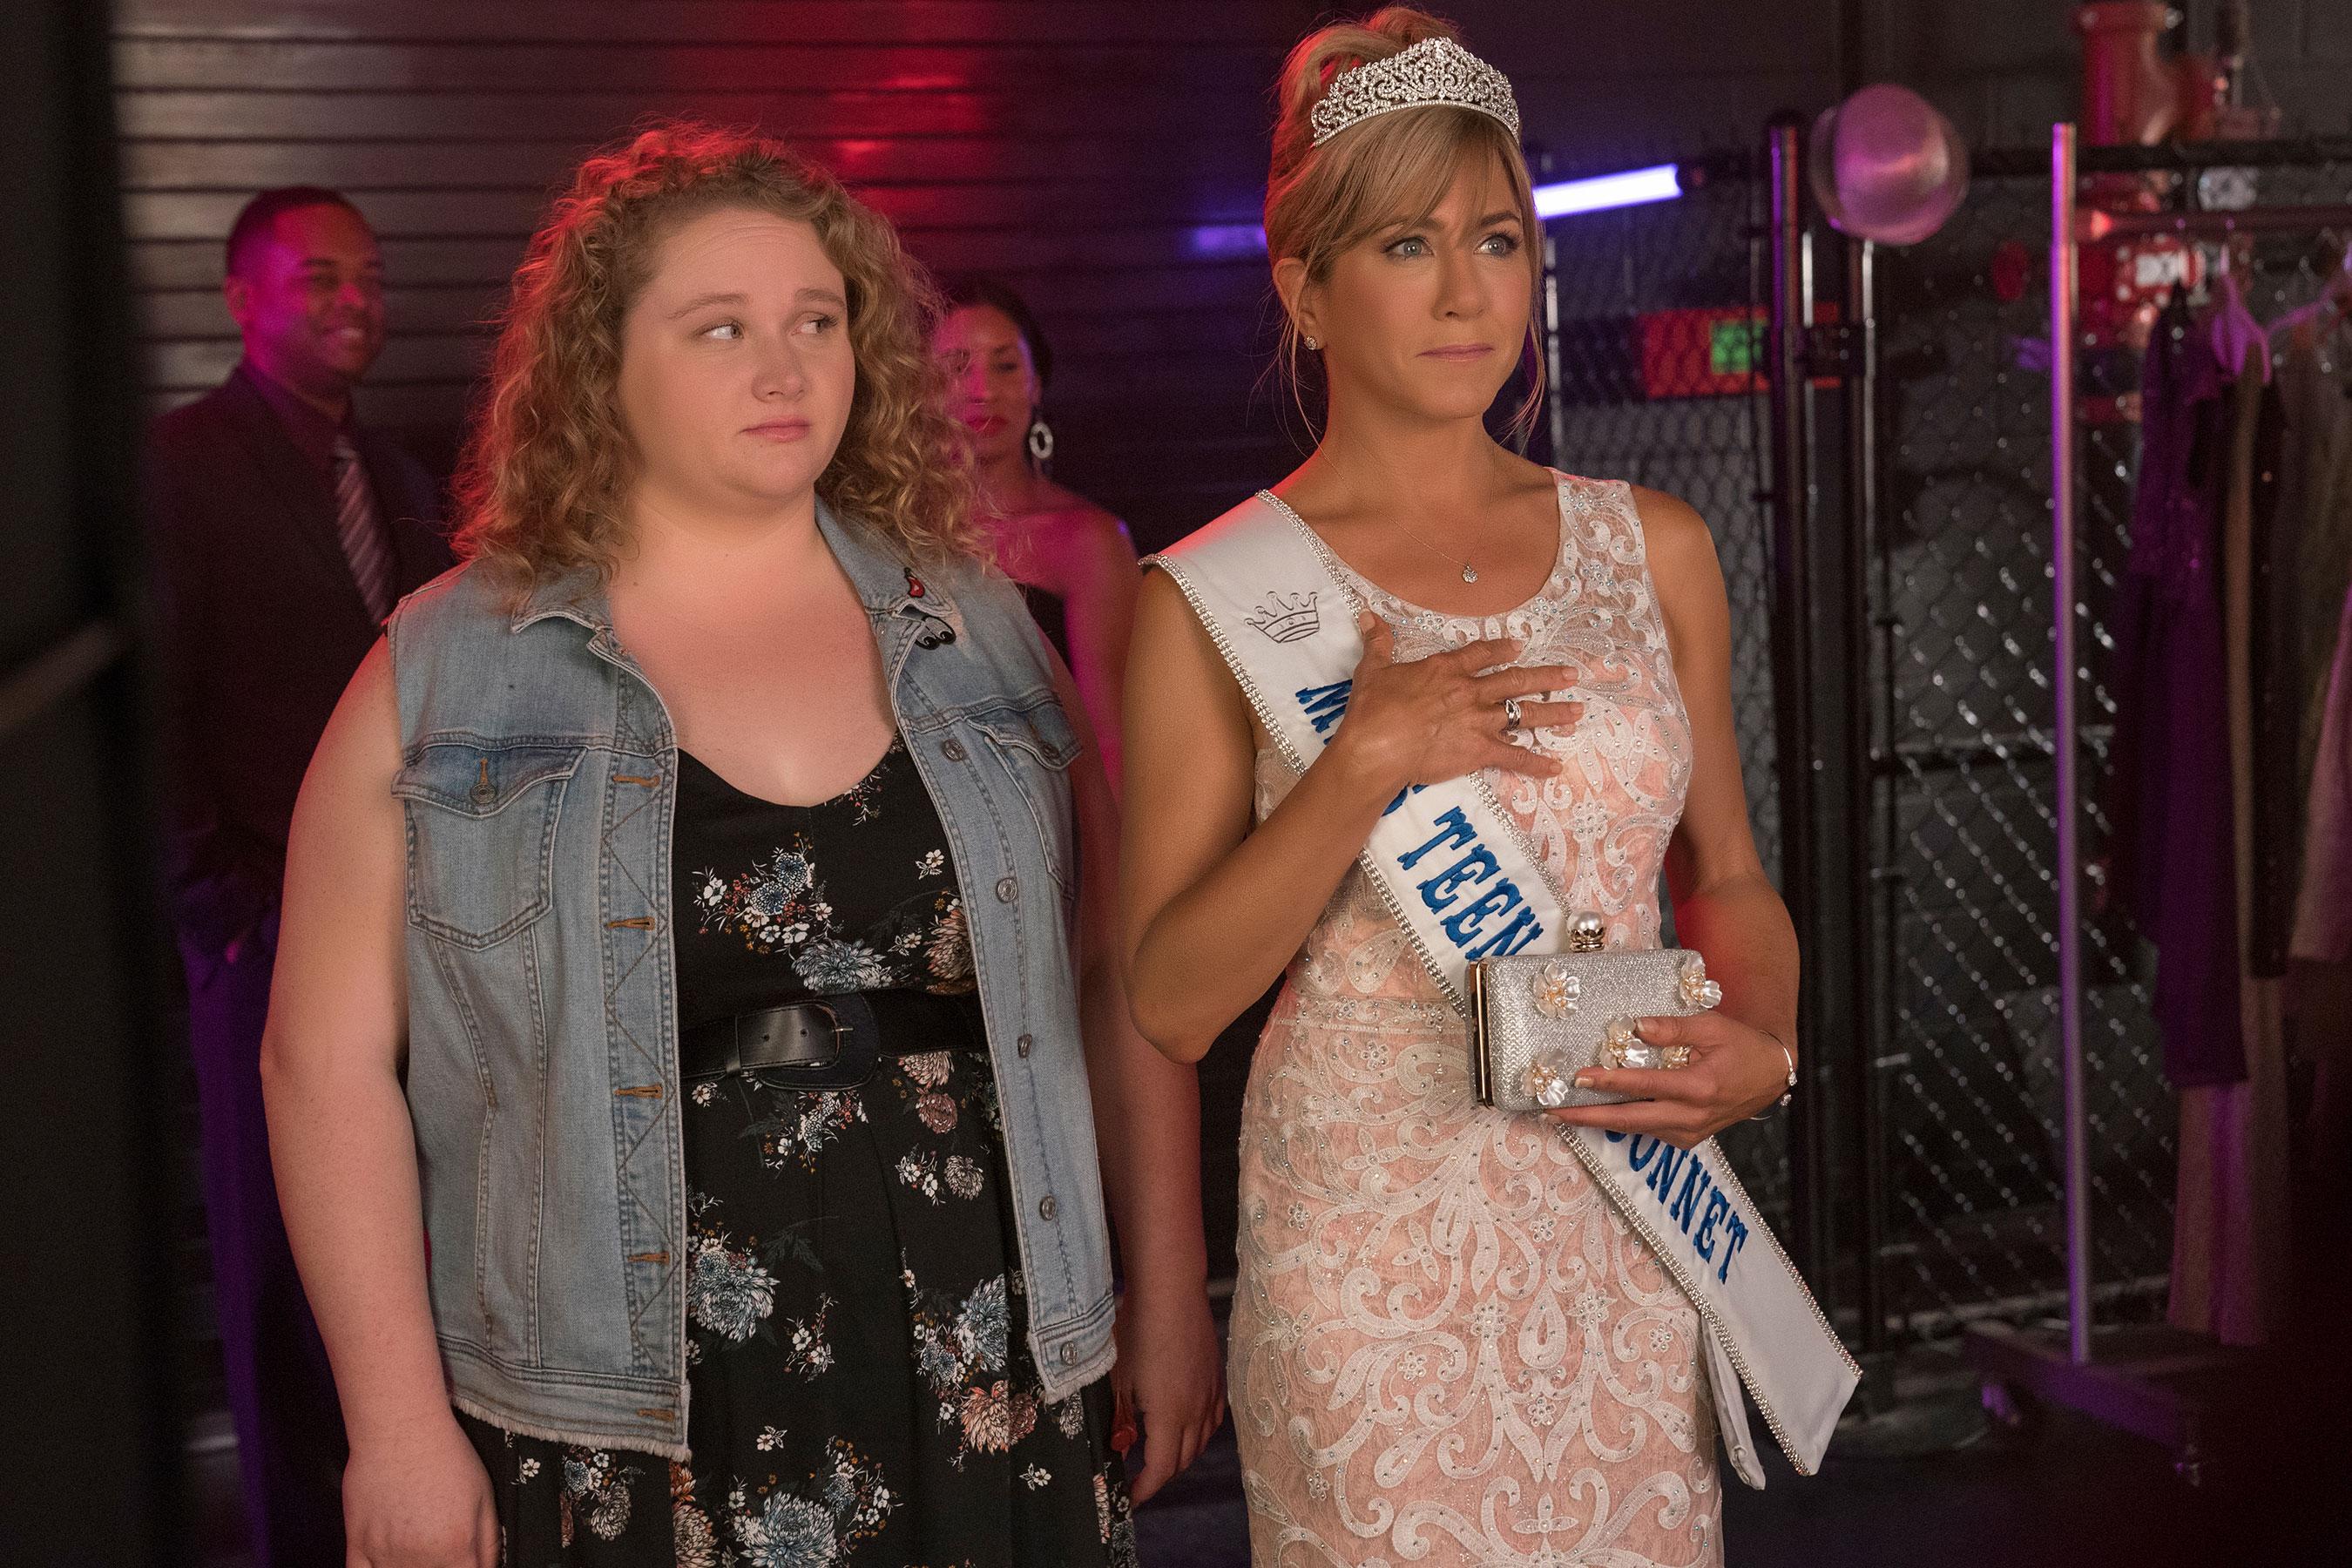 Dumplin movie review: Jennifer Aniston stars in beauty pageant charmer